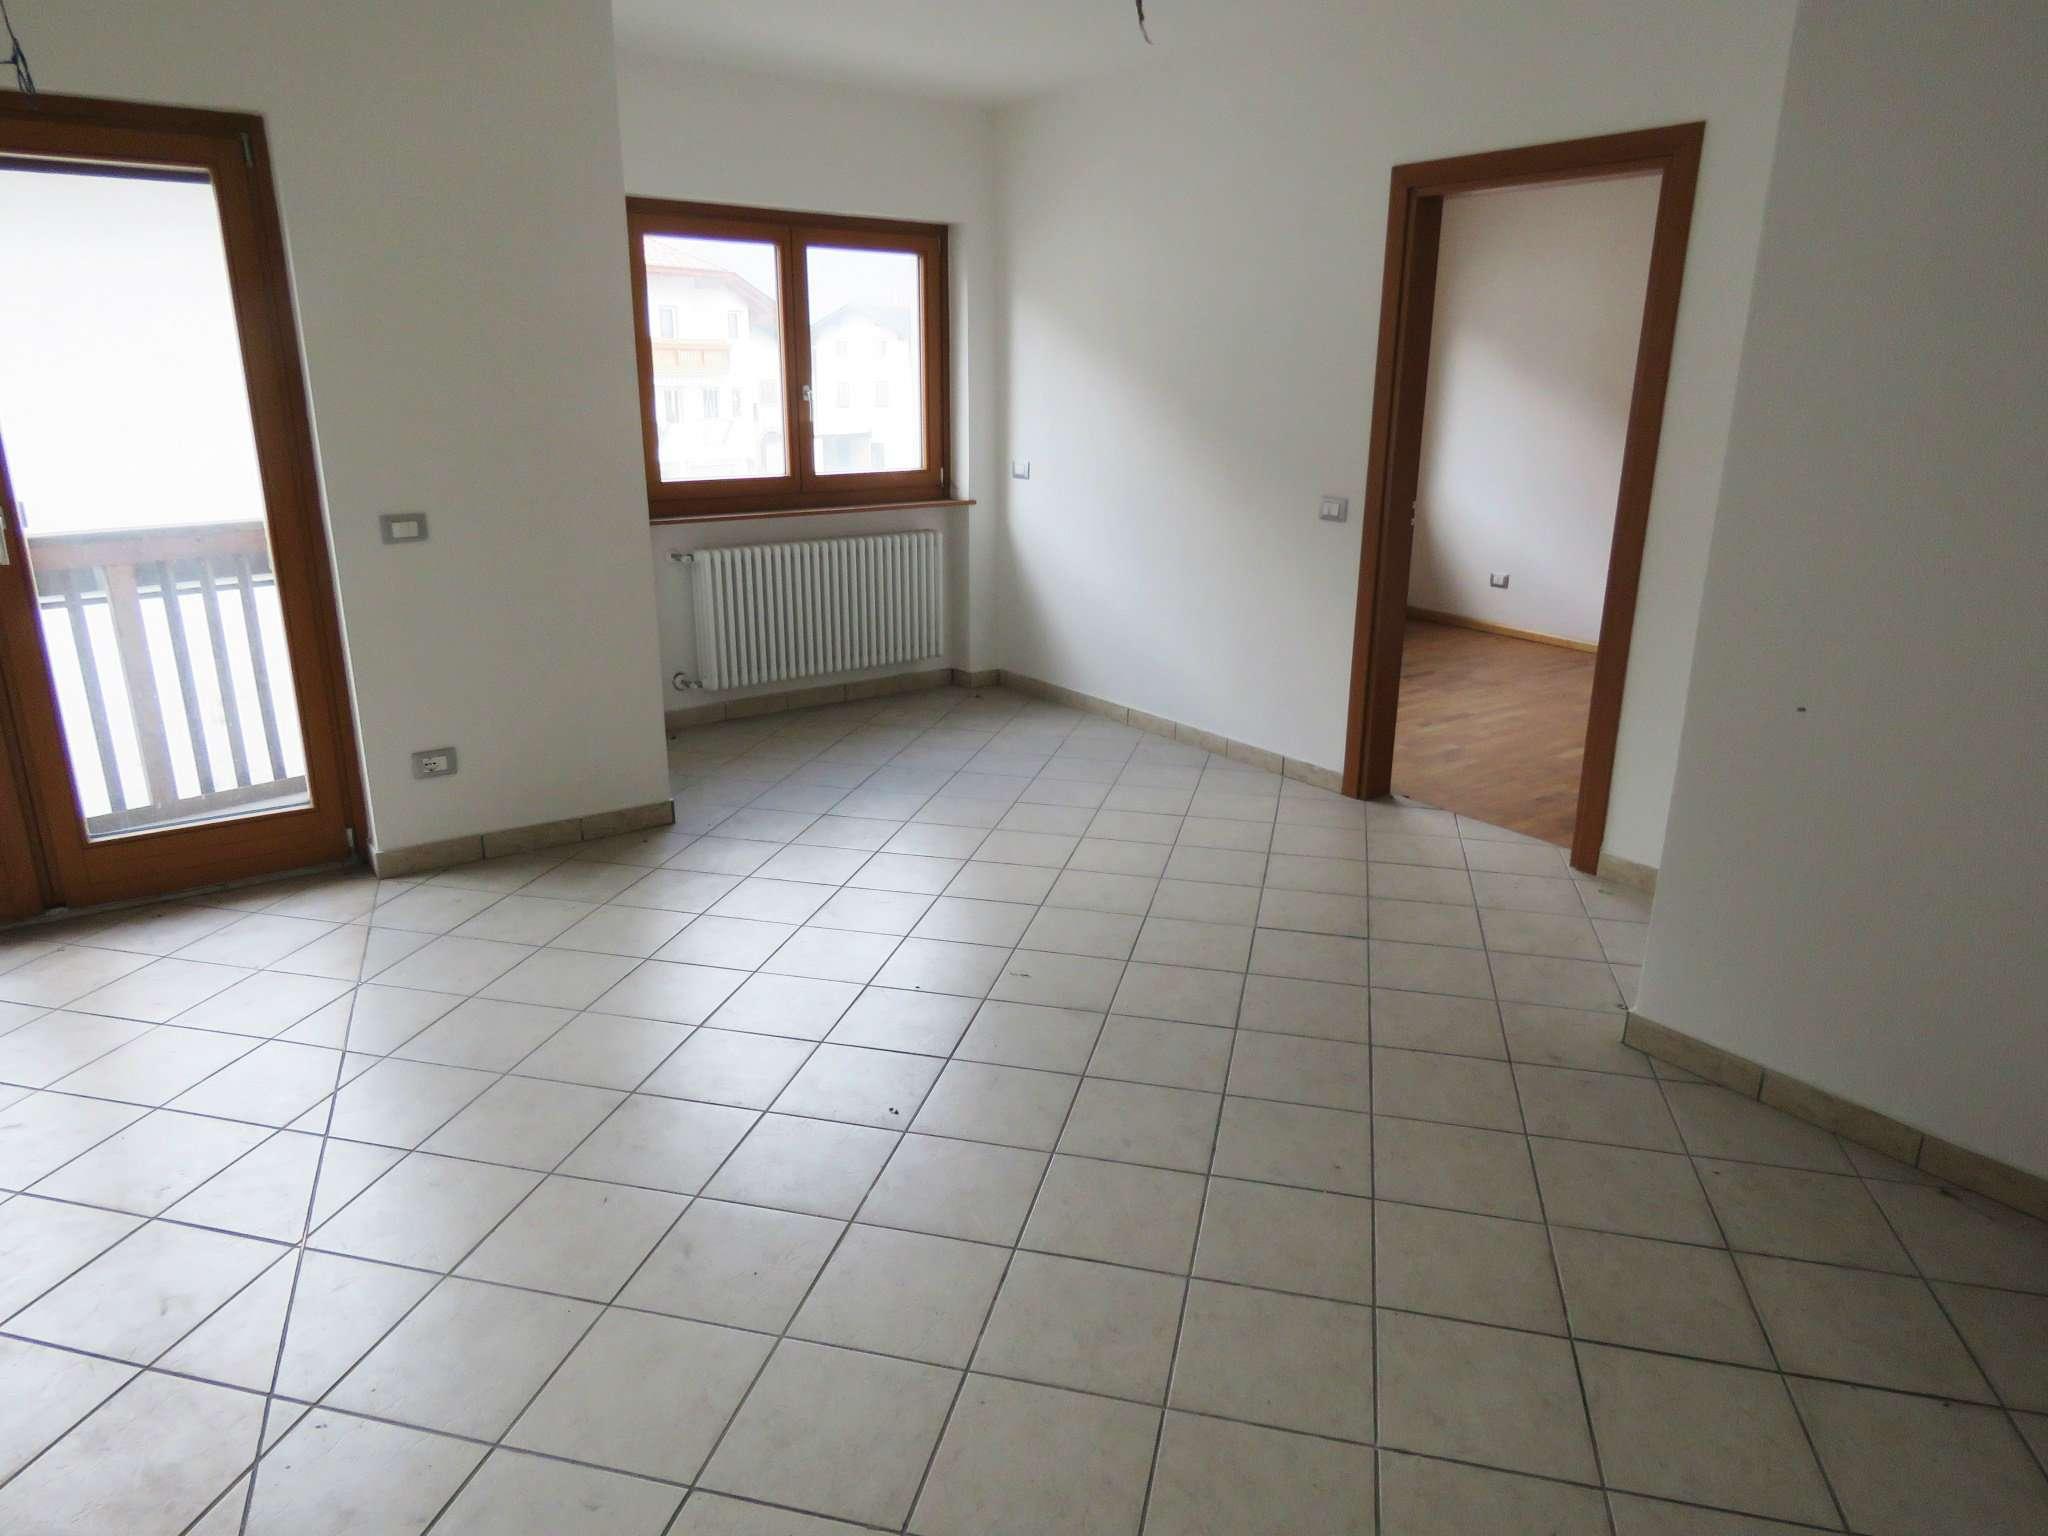 Appartamento in vendita a Nalles, 3 locali, prezzo € 180.000 | Cambio Casa.it